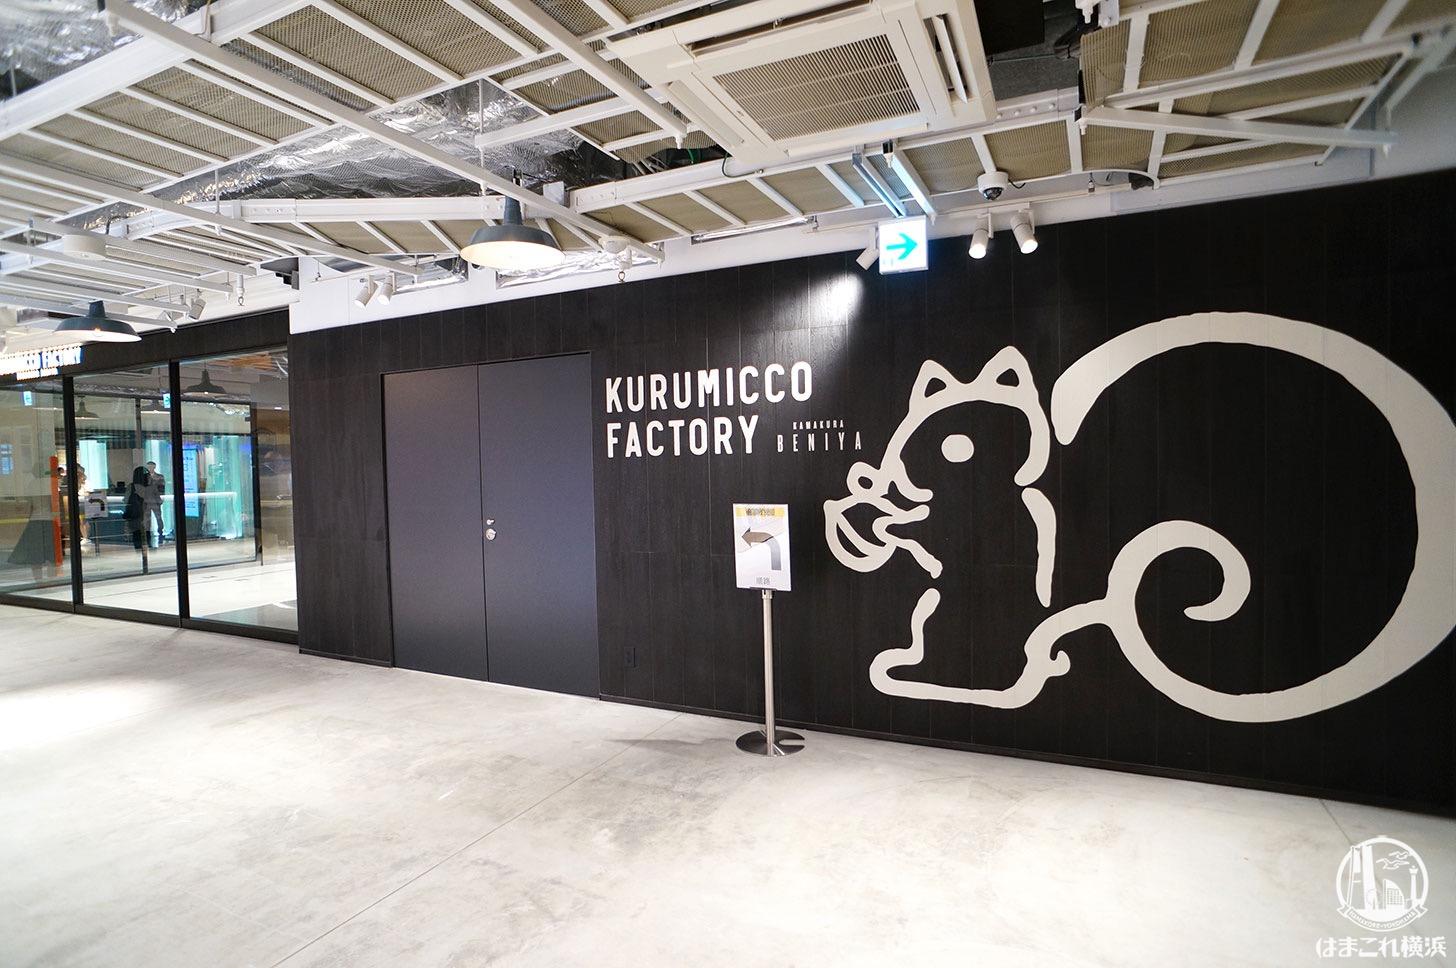 鎌倉紅谷 クルミッ子ファクトリー